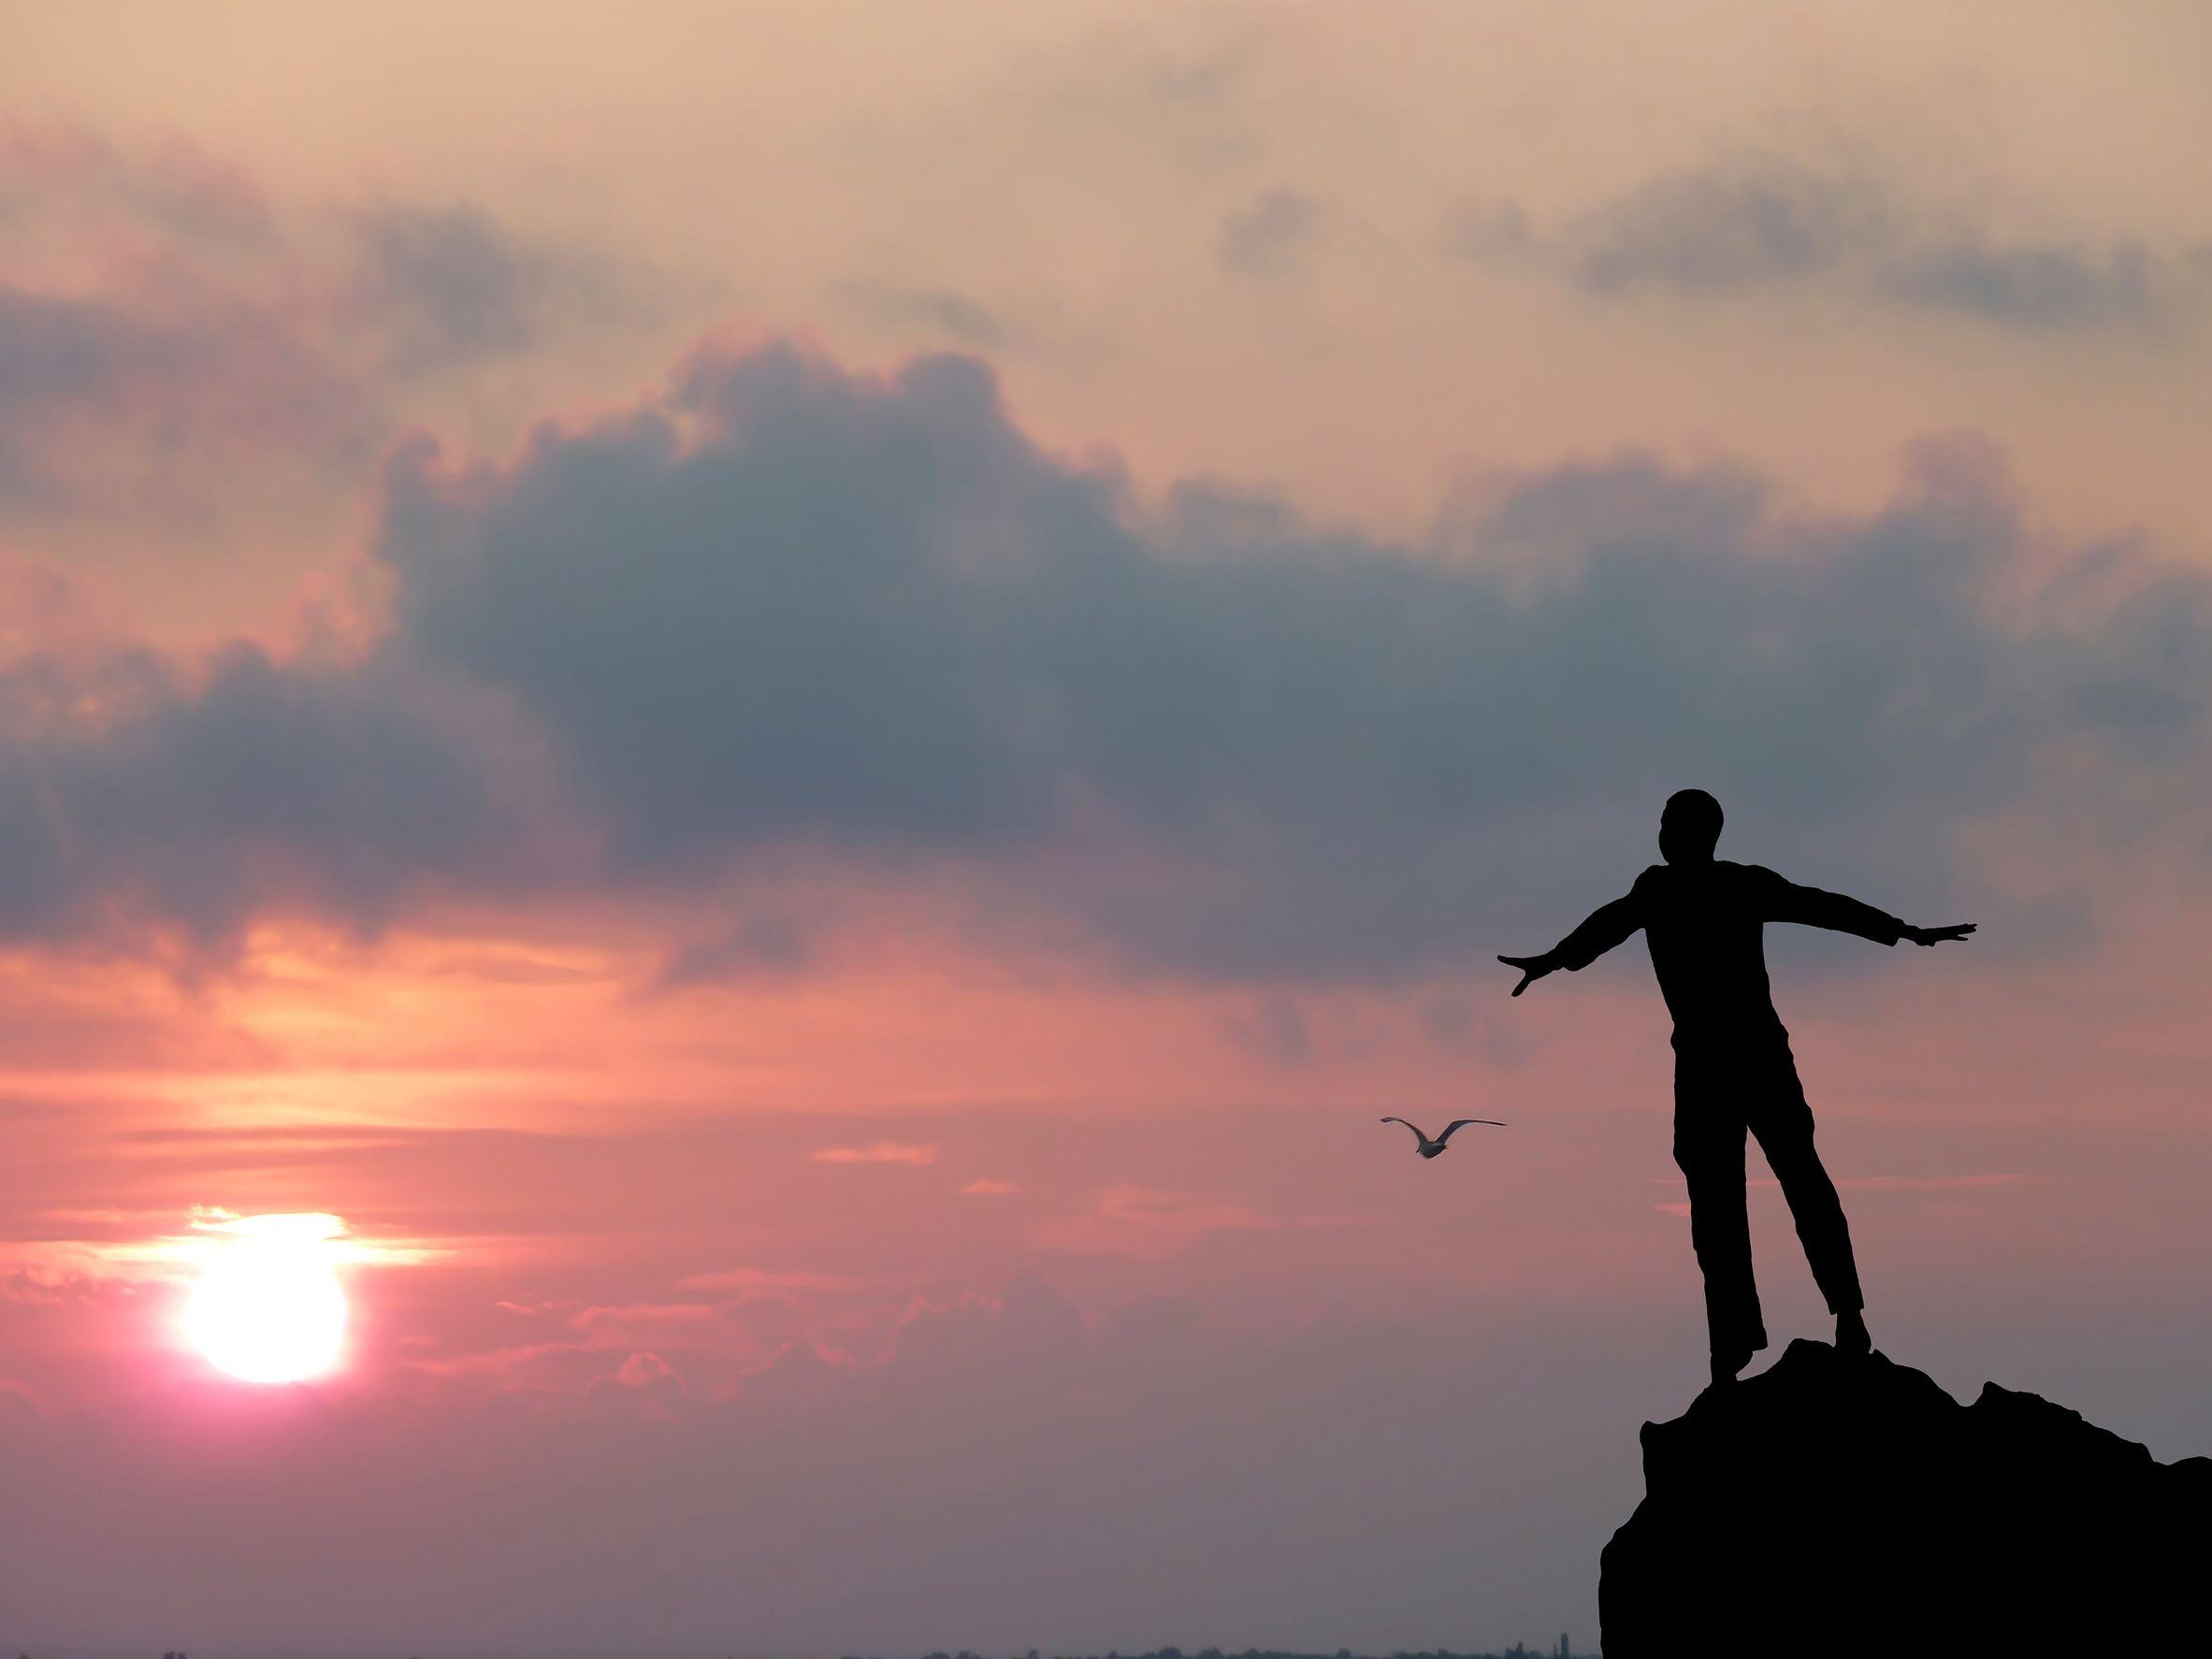 silhueta de um homem no topo da montanha olhando o céu